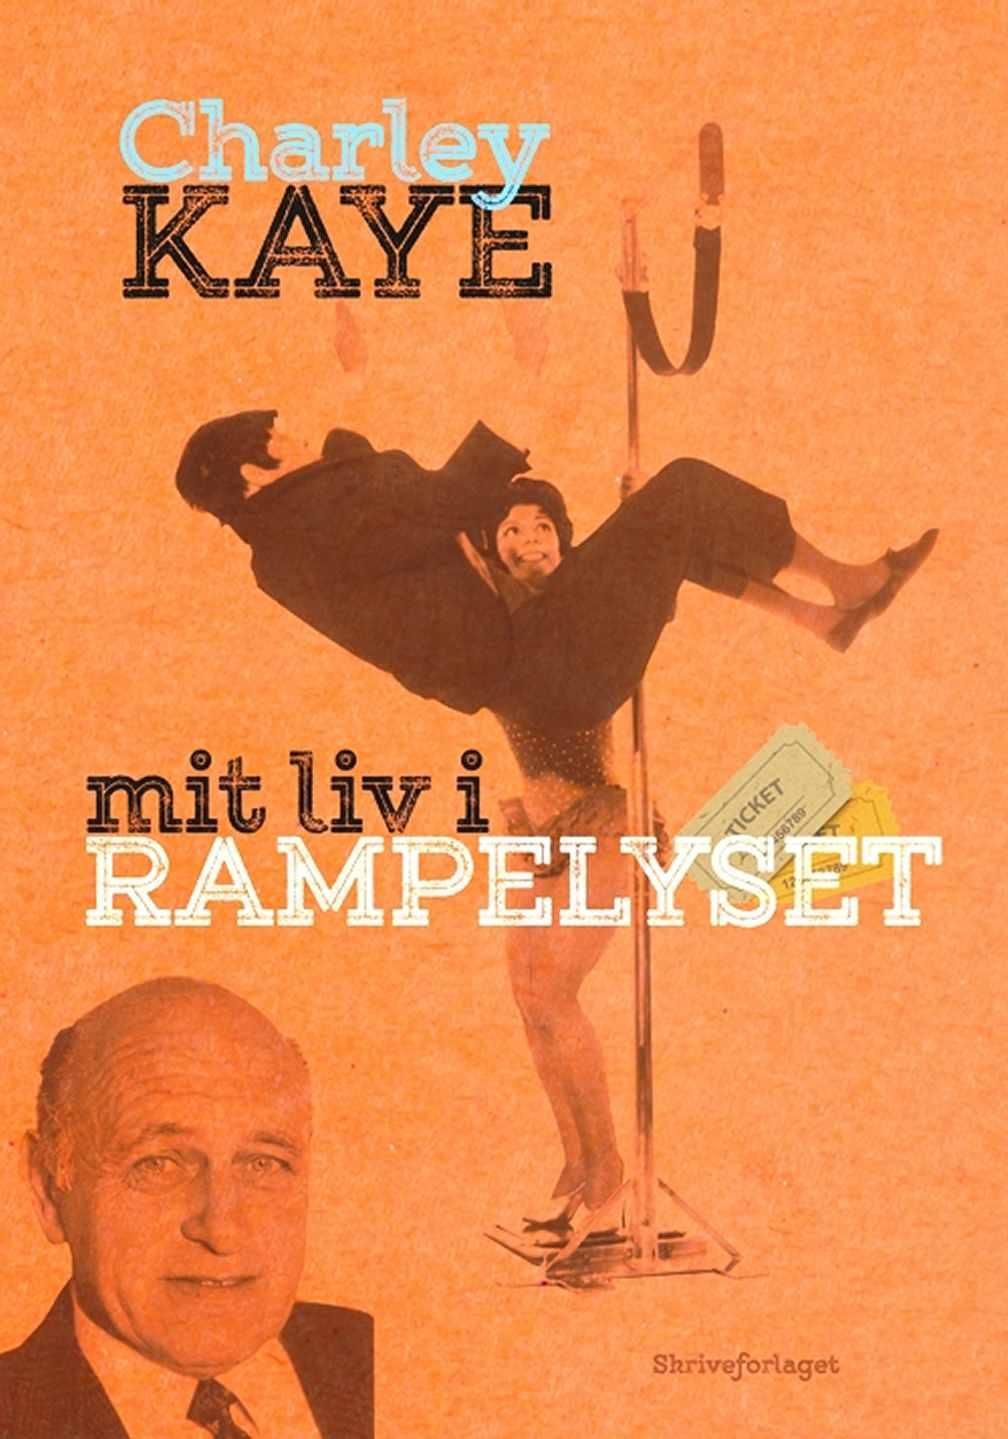 Charley Kaye